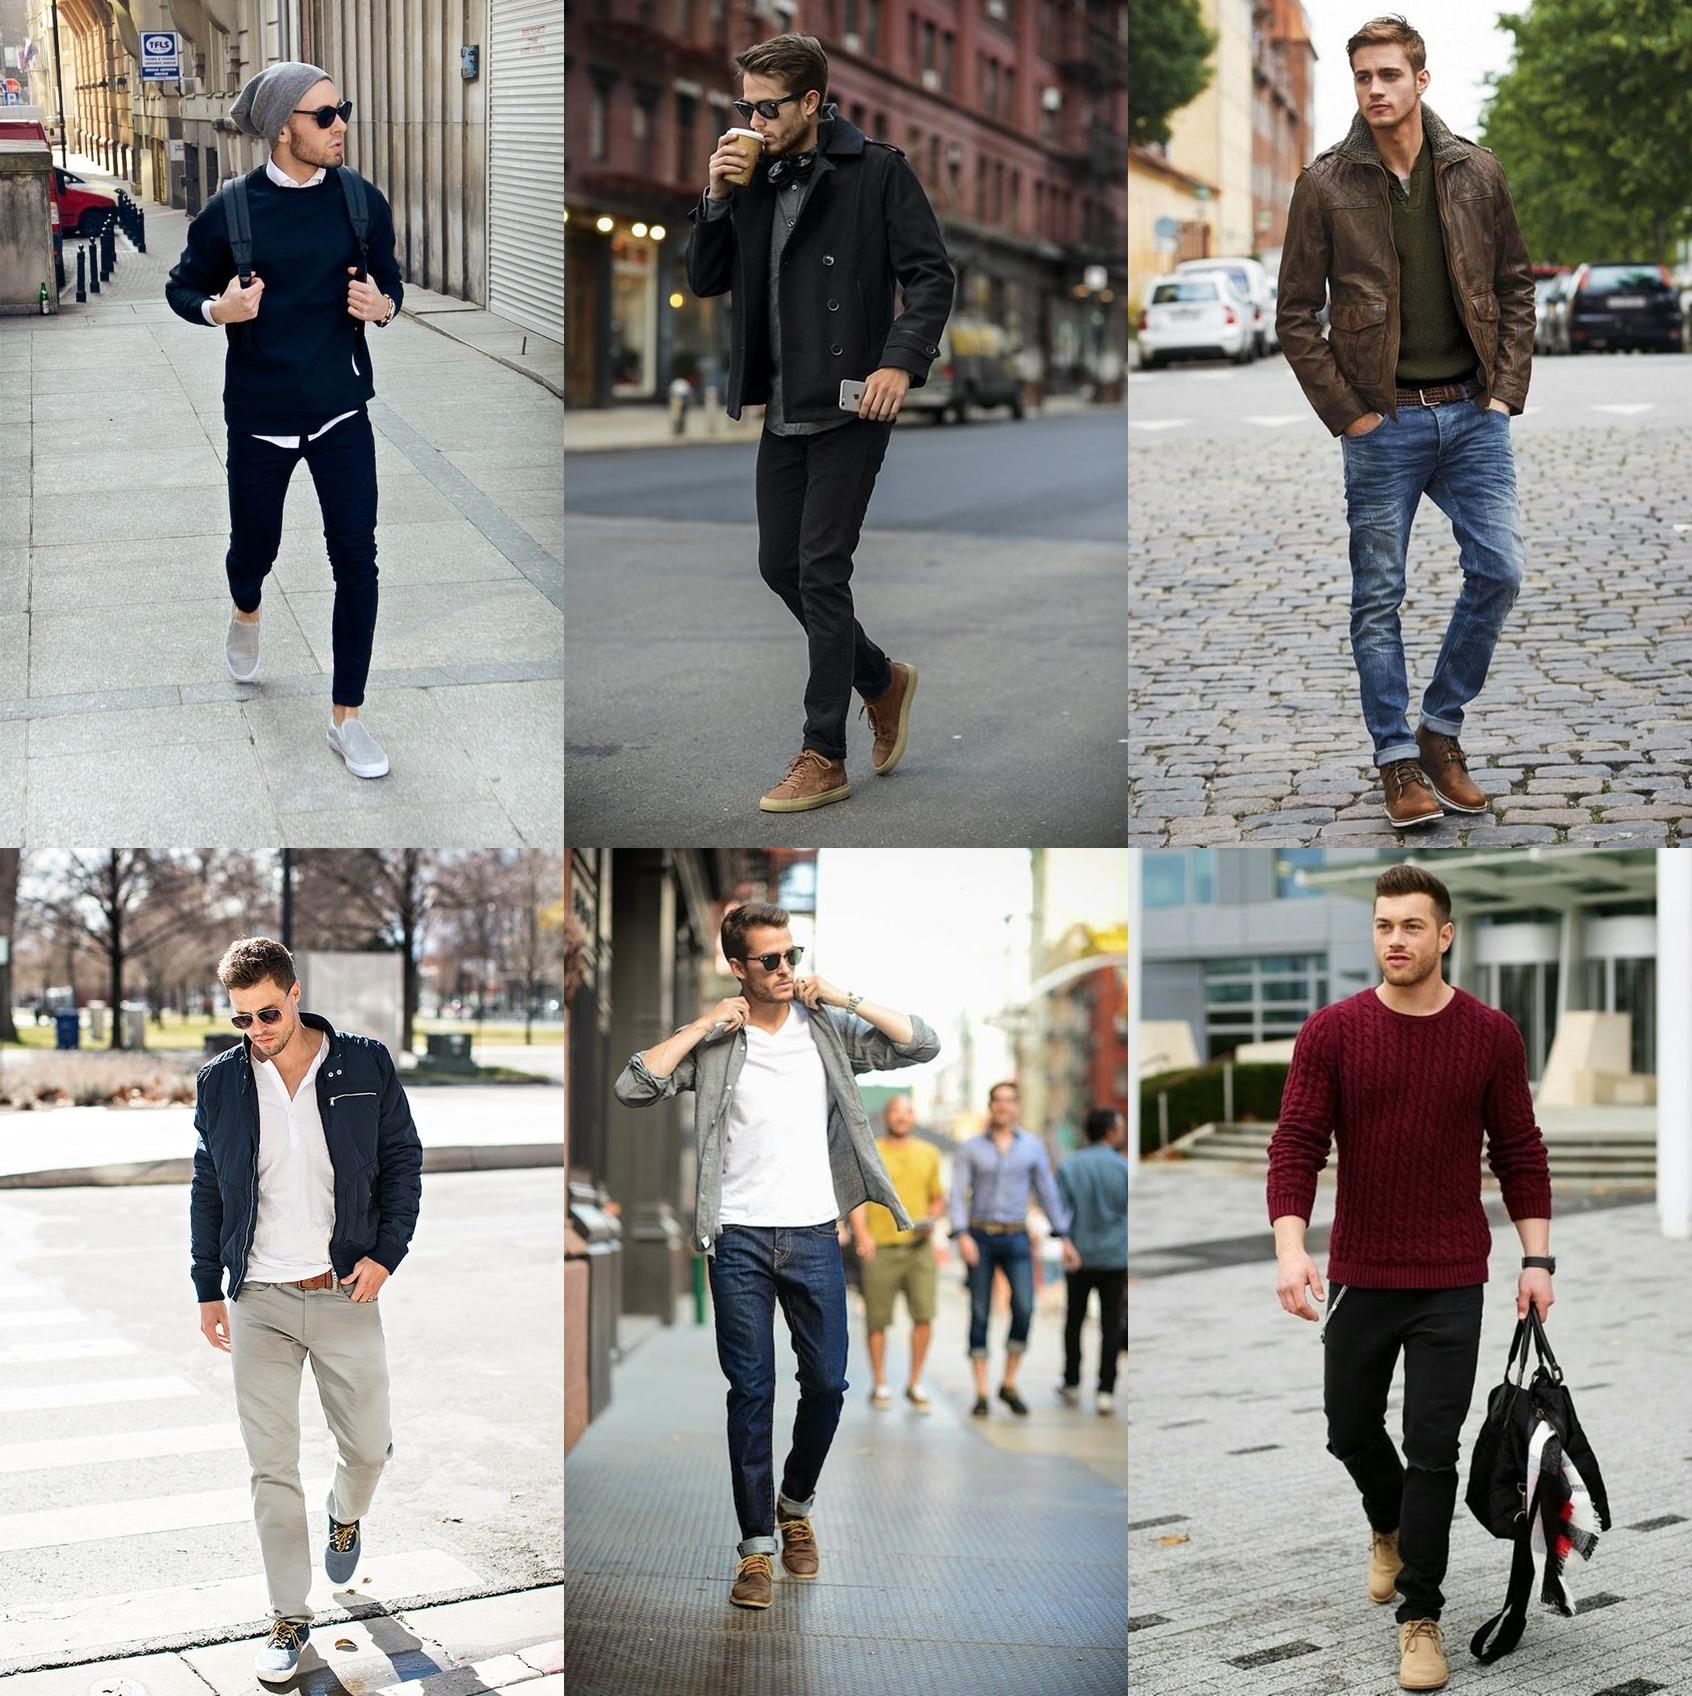 casual chic, como ter estilo, como ser estiloso, moda masculina, dicas de moda, moda sem censura, alex cursino, fashion tips, youtuber, blogger, blog de moda masculina, 4